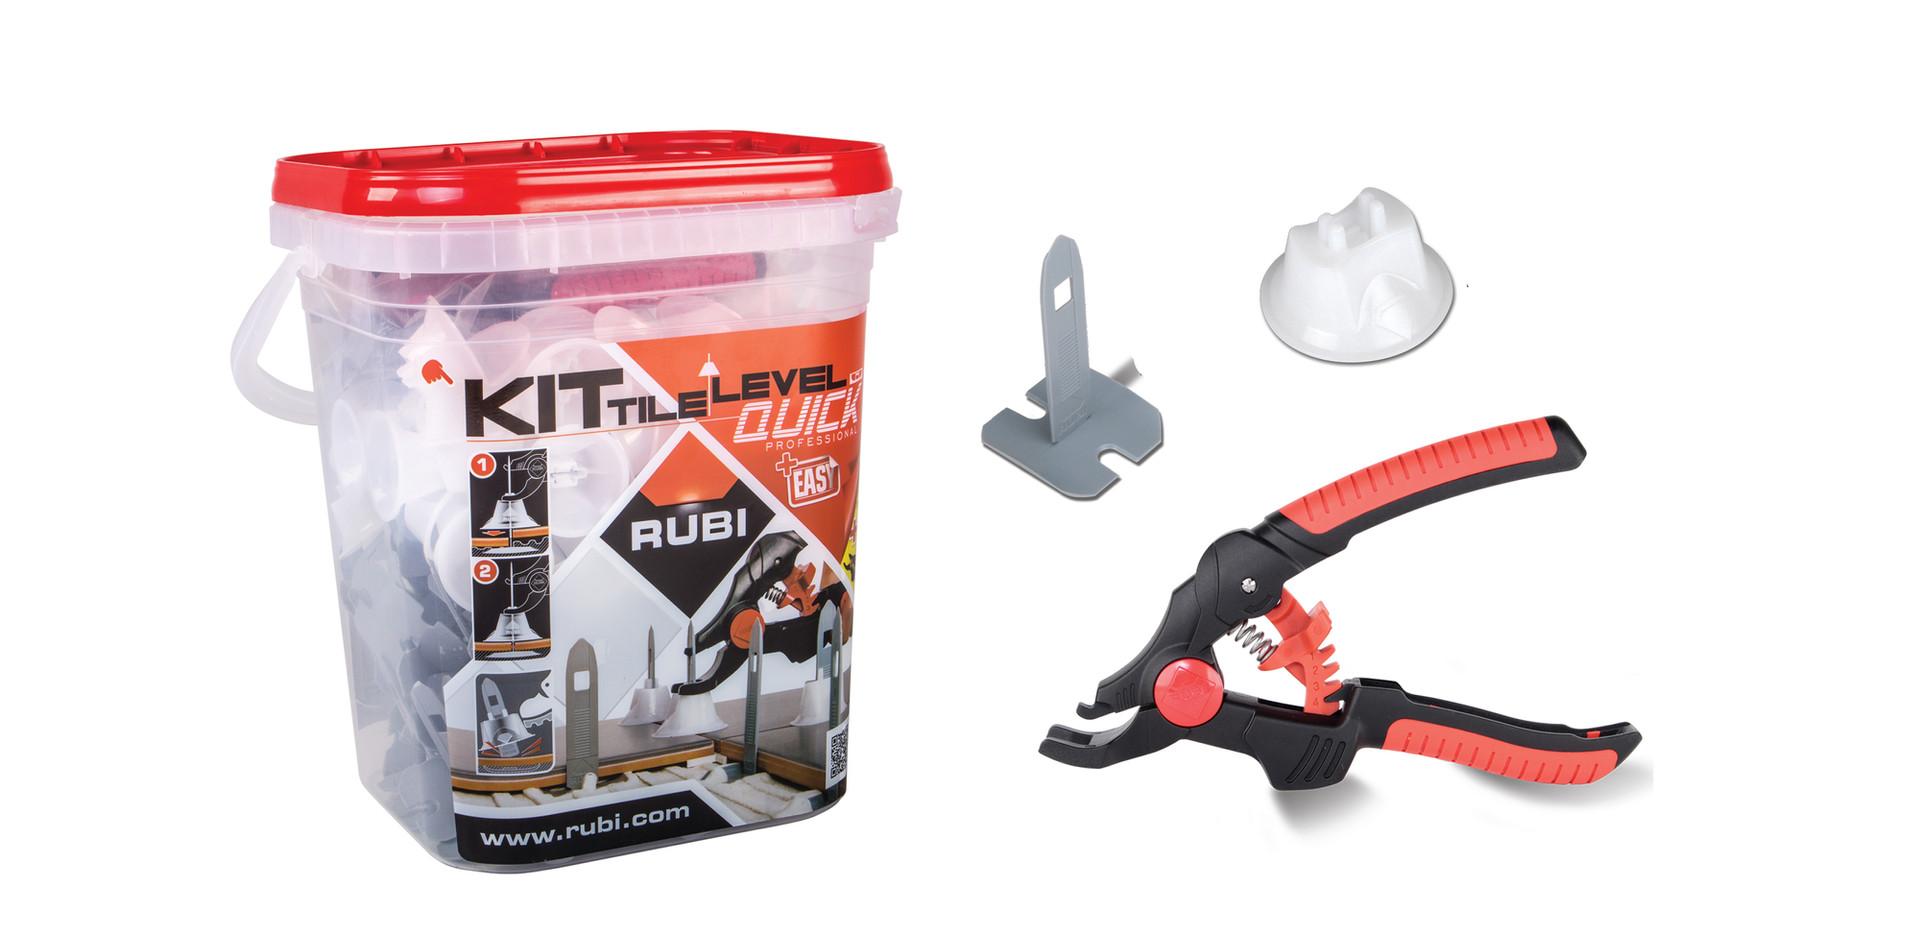 2941-kit-tile-level-quick-1-m-rubi.jpg